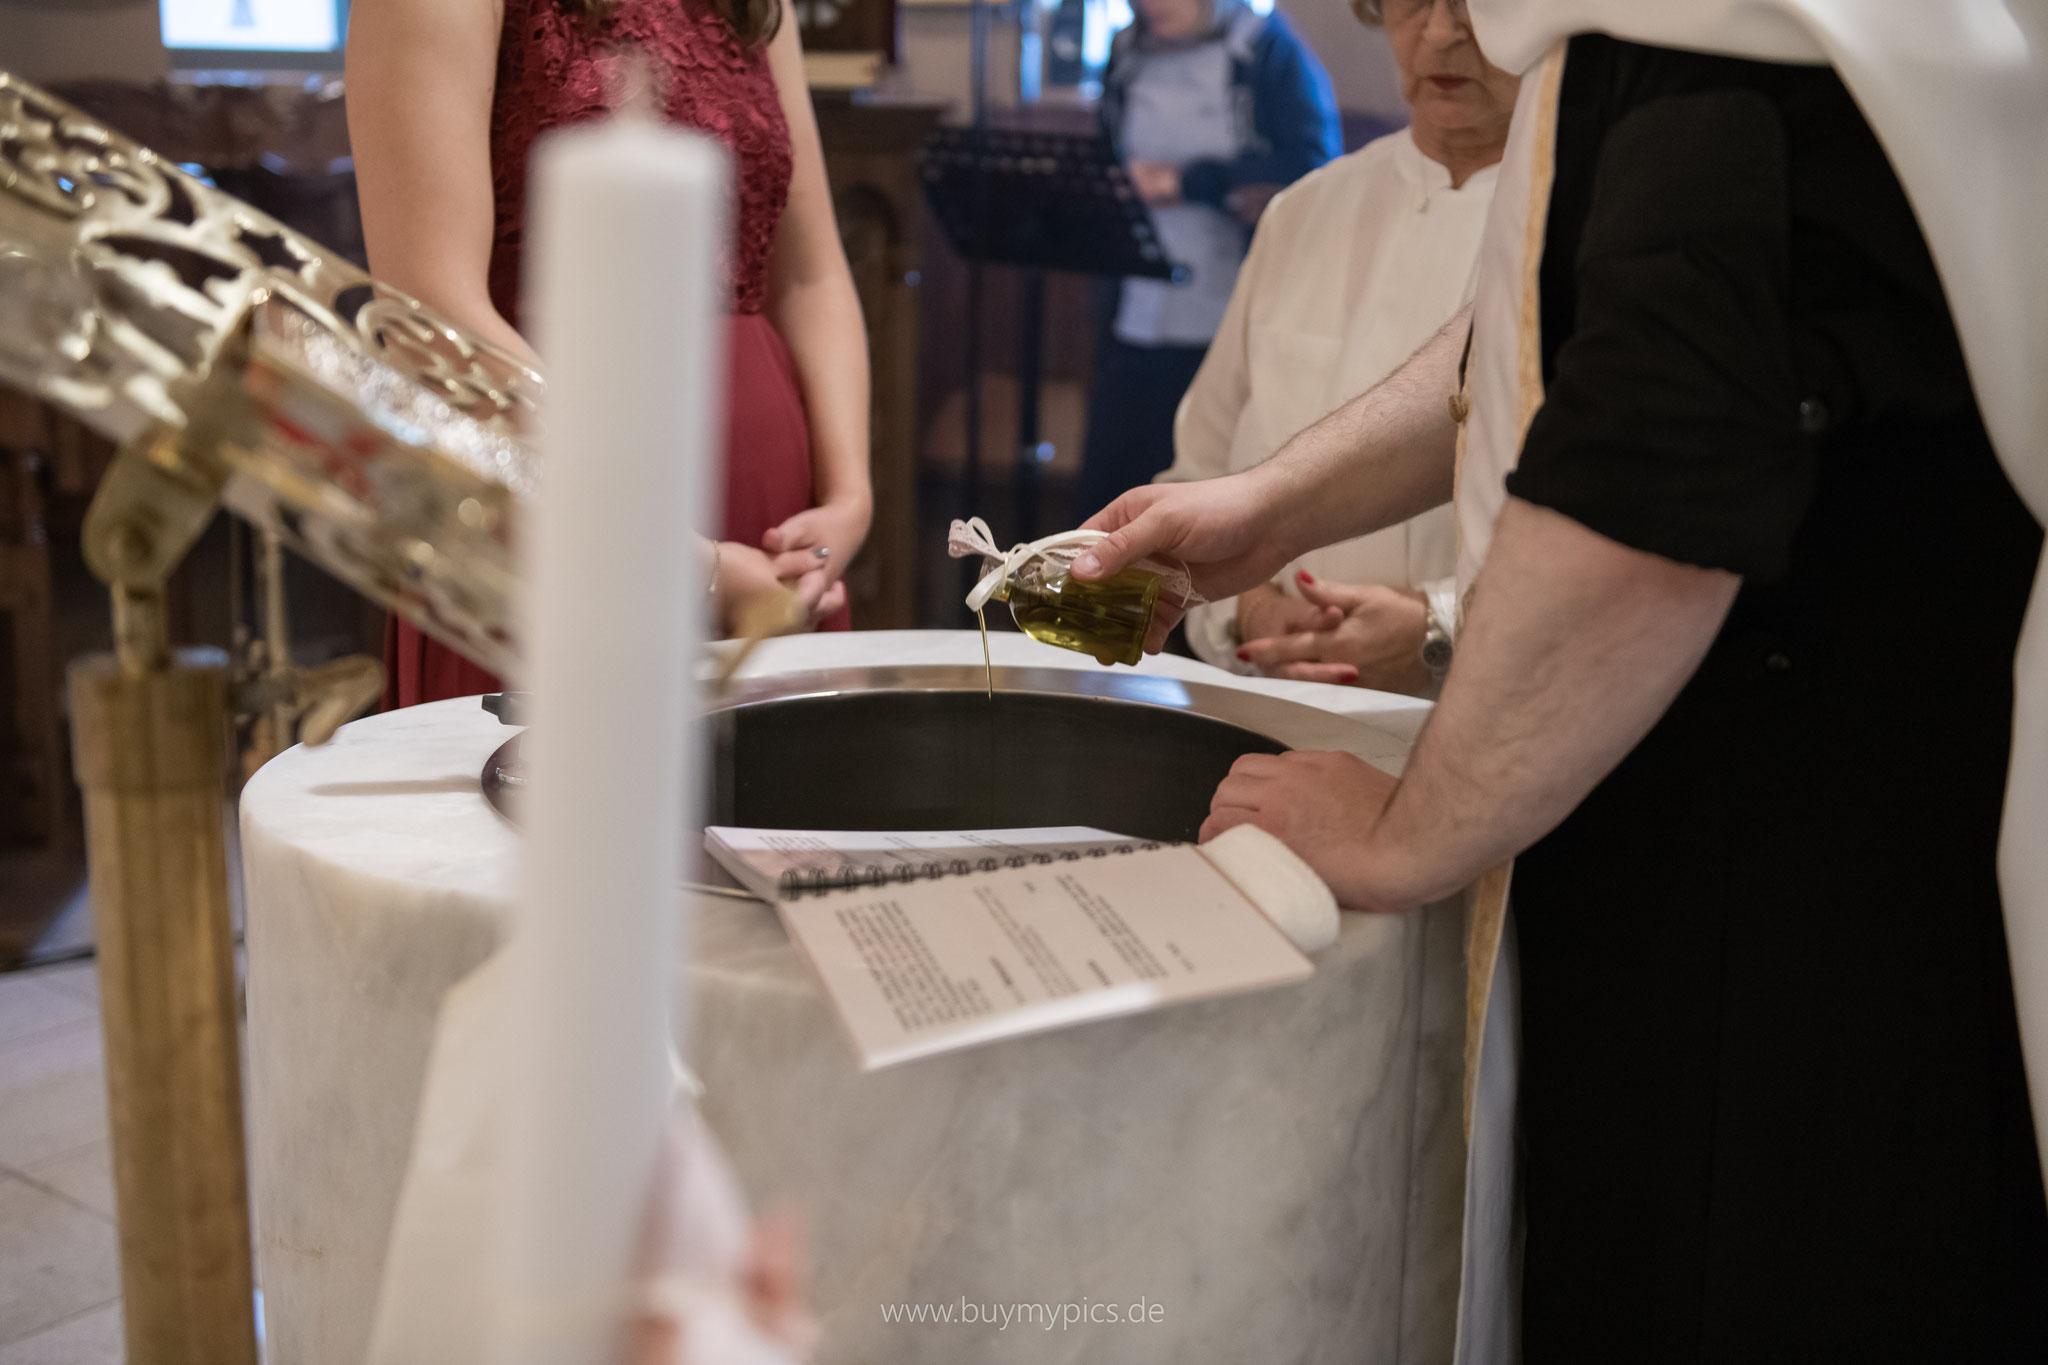 Olivenöl wird in das Taufbecken gegeben